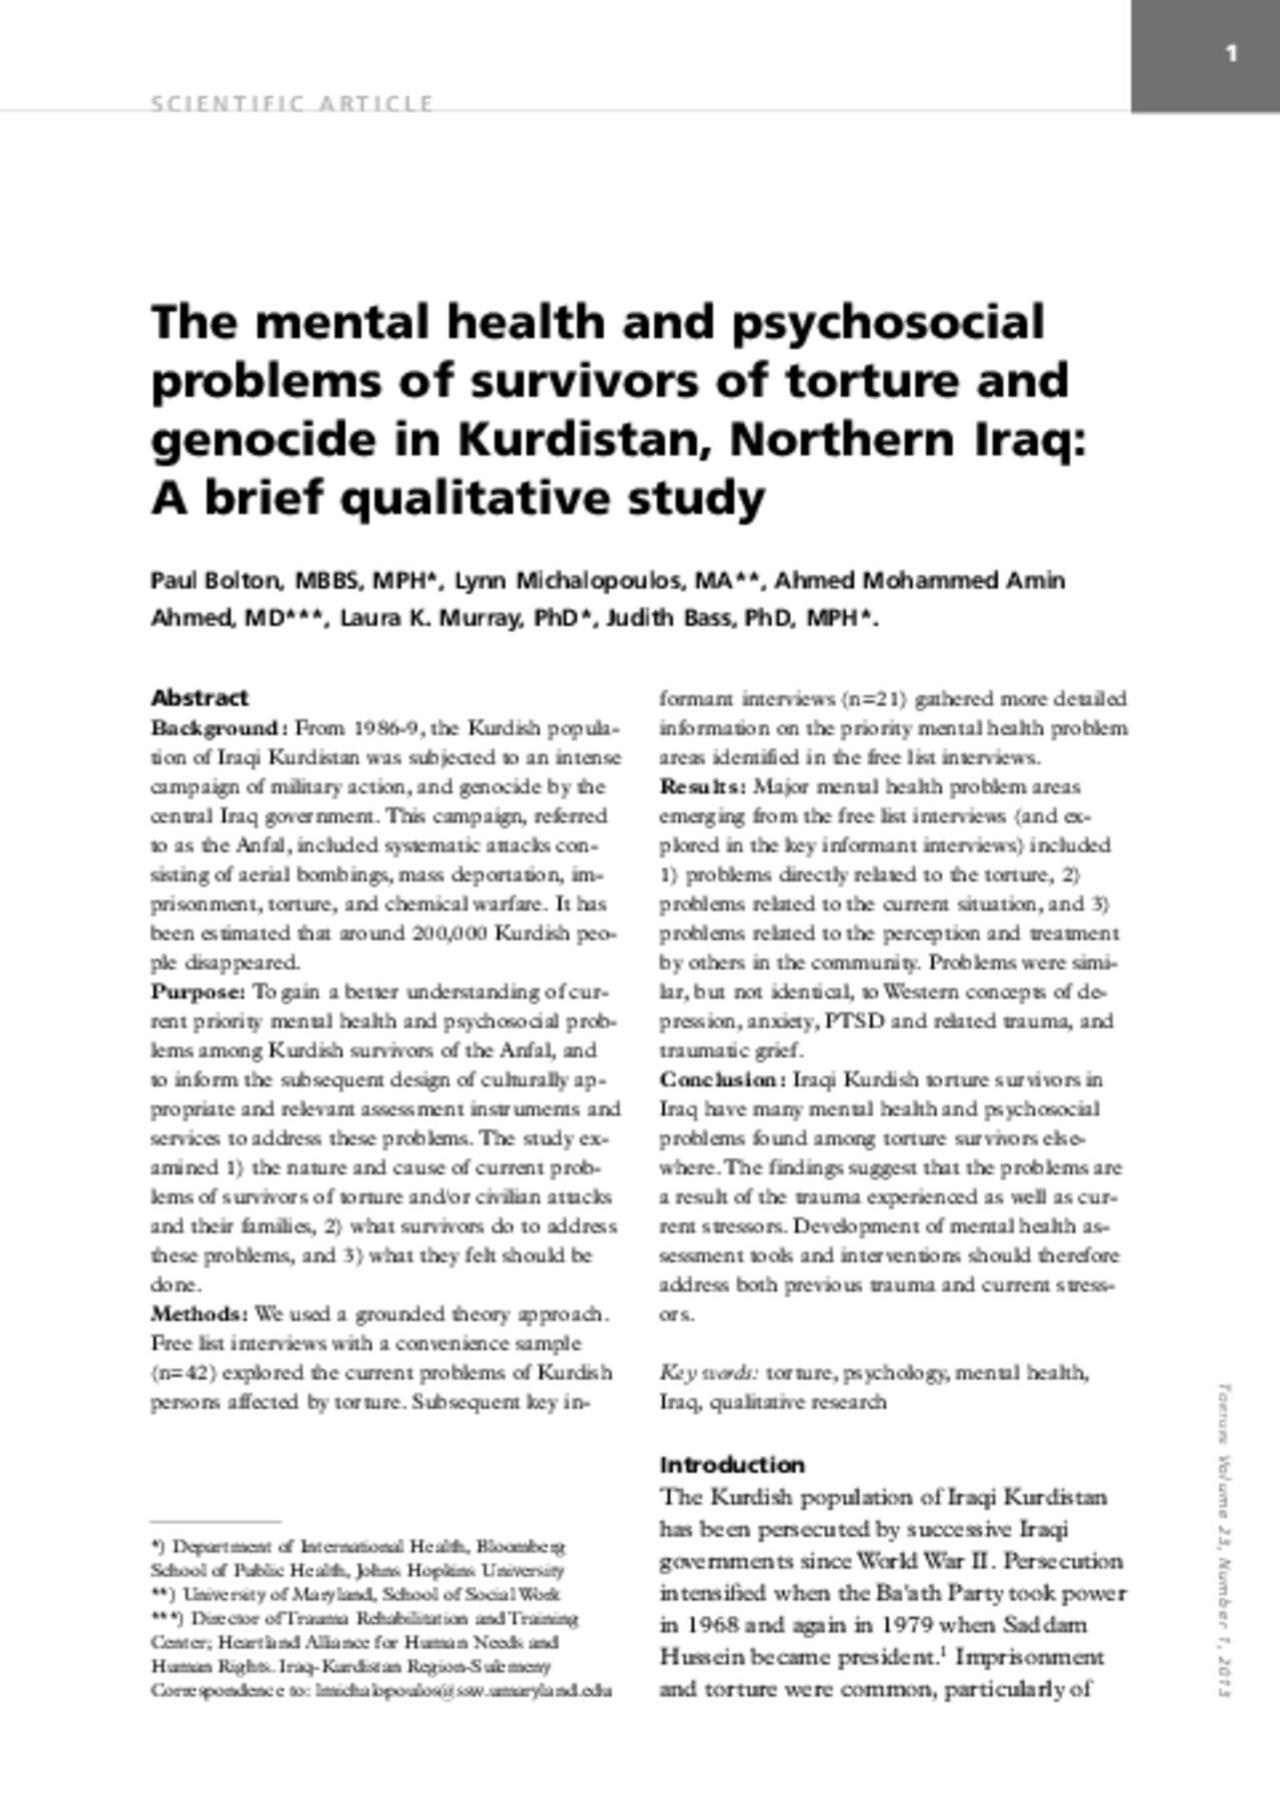 دراسة نوعية عن مشاكل صحة النفسية-الاجتماعية لدى ناجون من التعذيب و ابادة الجماعية